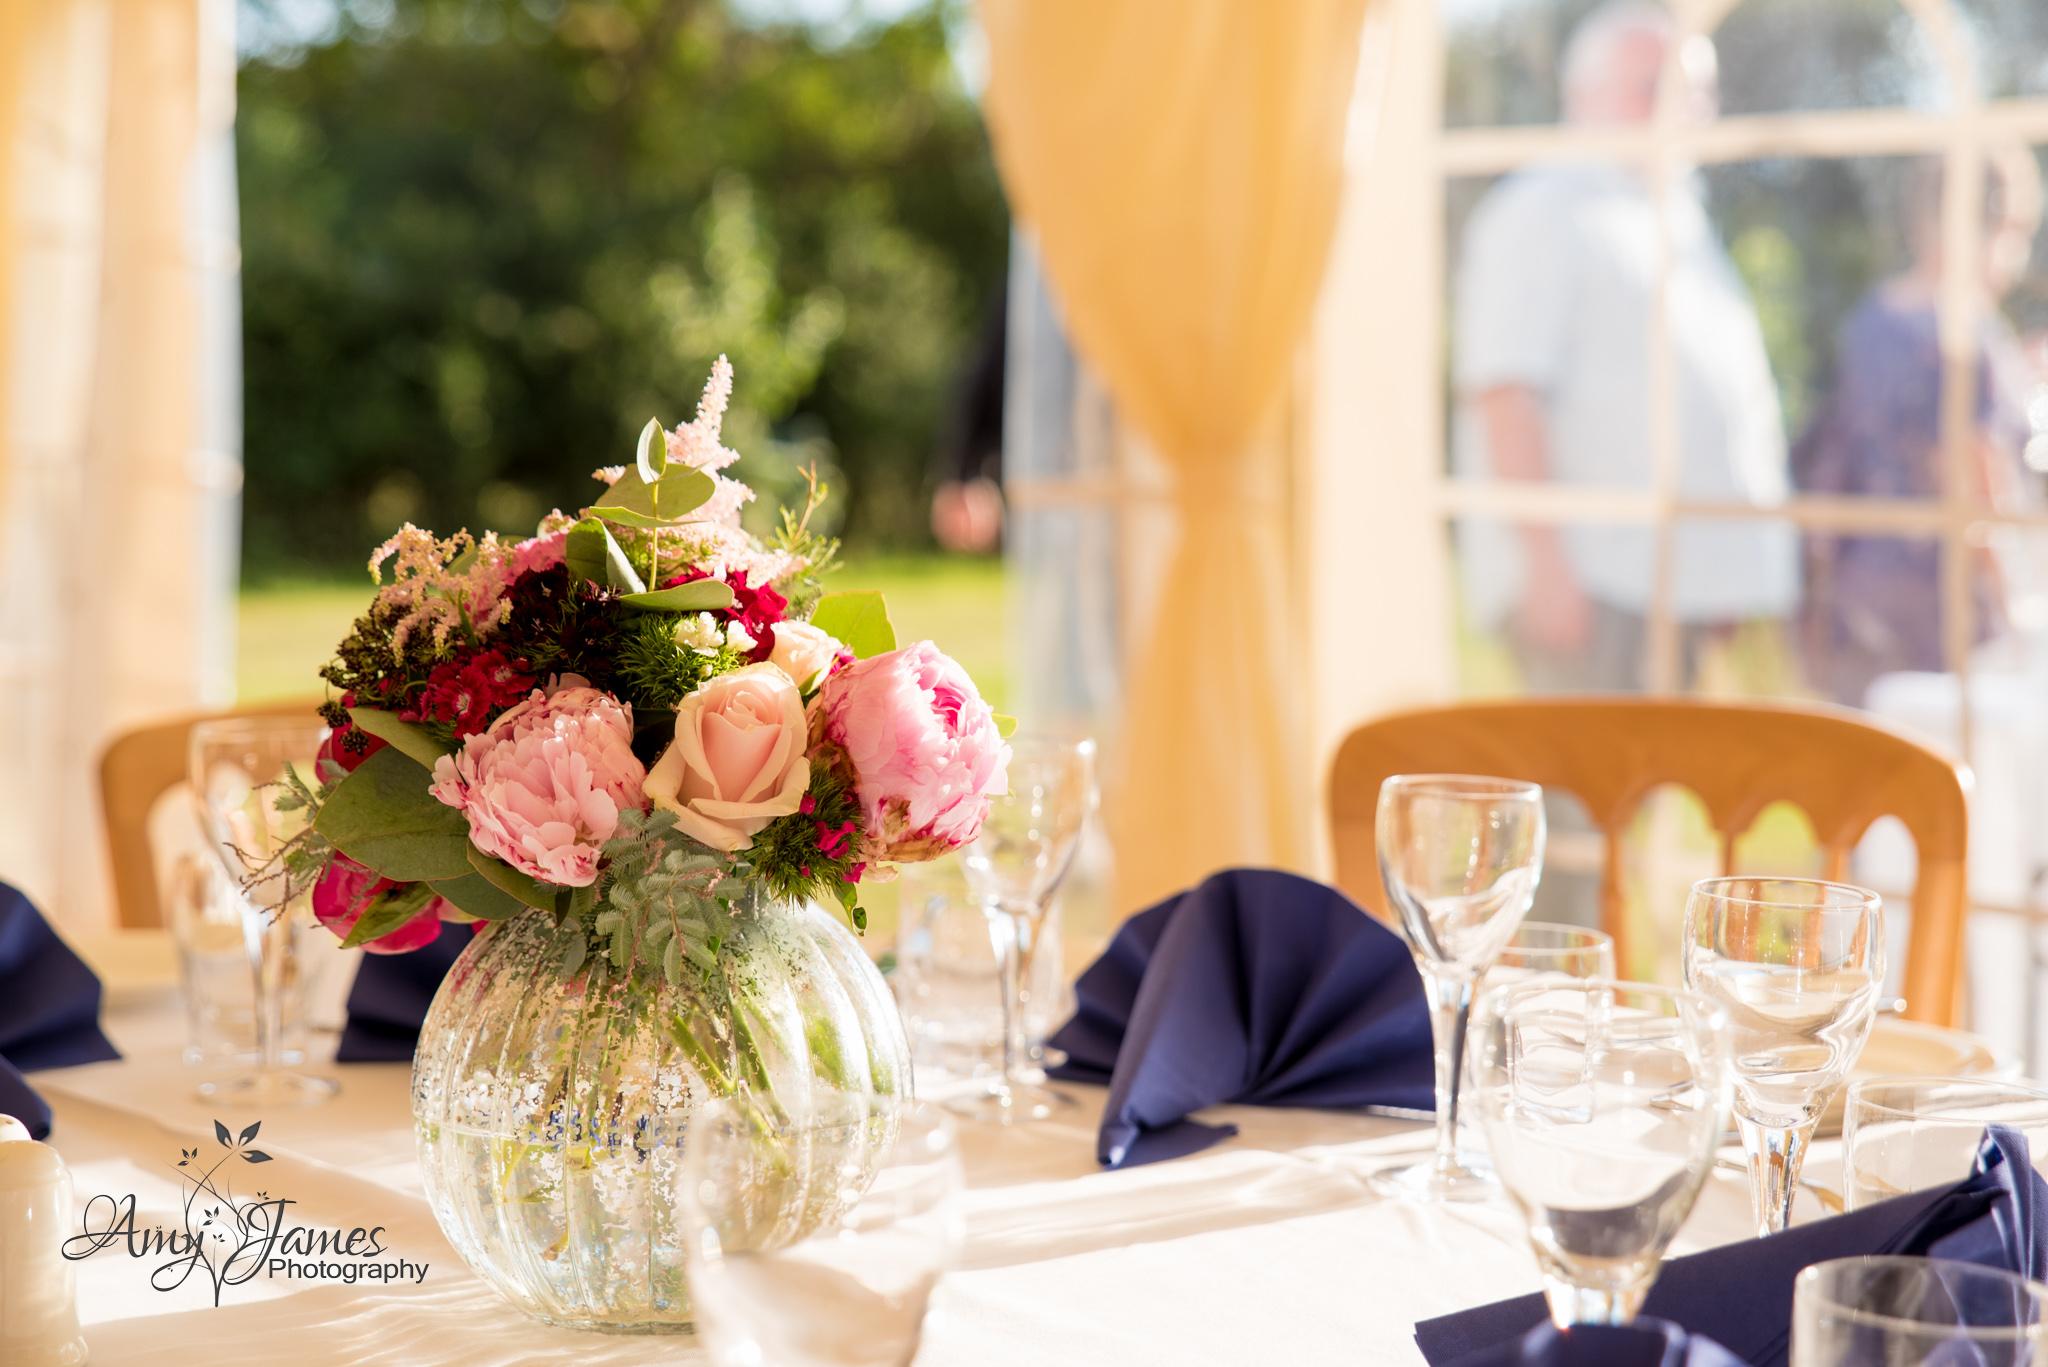 Hampshire wedding photographer / Fleet wedding photographer / Kent wedding photographer / Countryside wedding